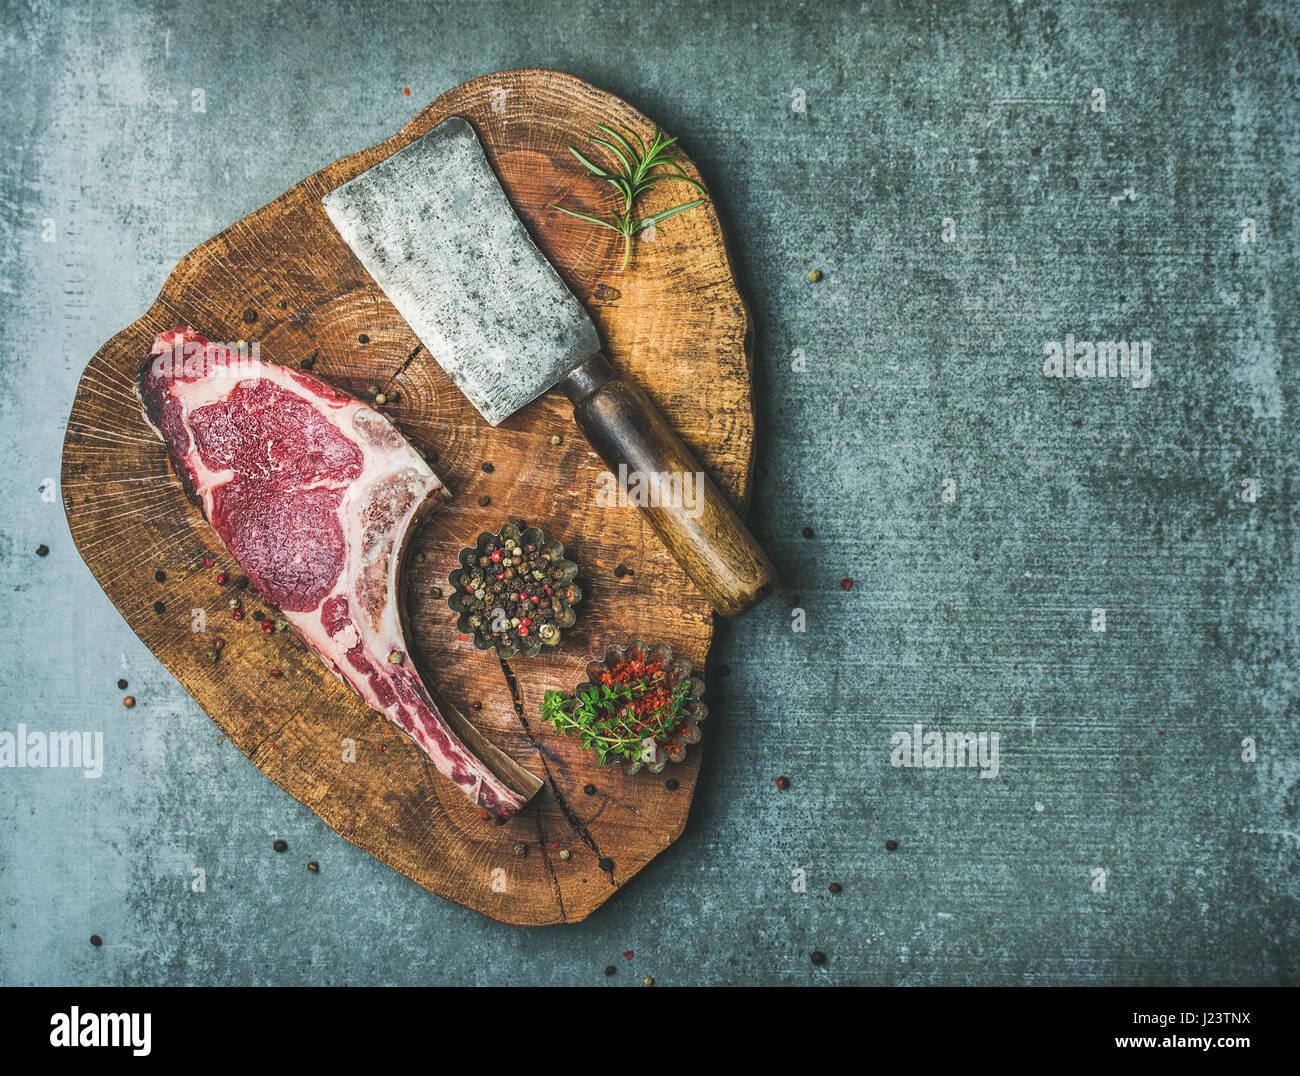 Edad seco sin cocer la carne rib eye steak, espacio de copia Imagen De Stock